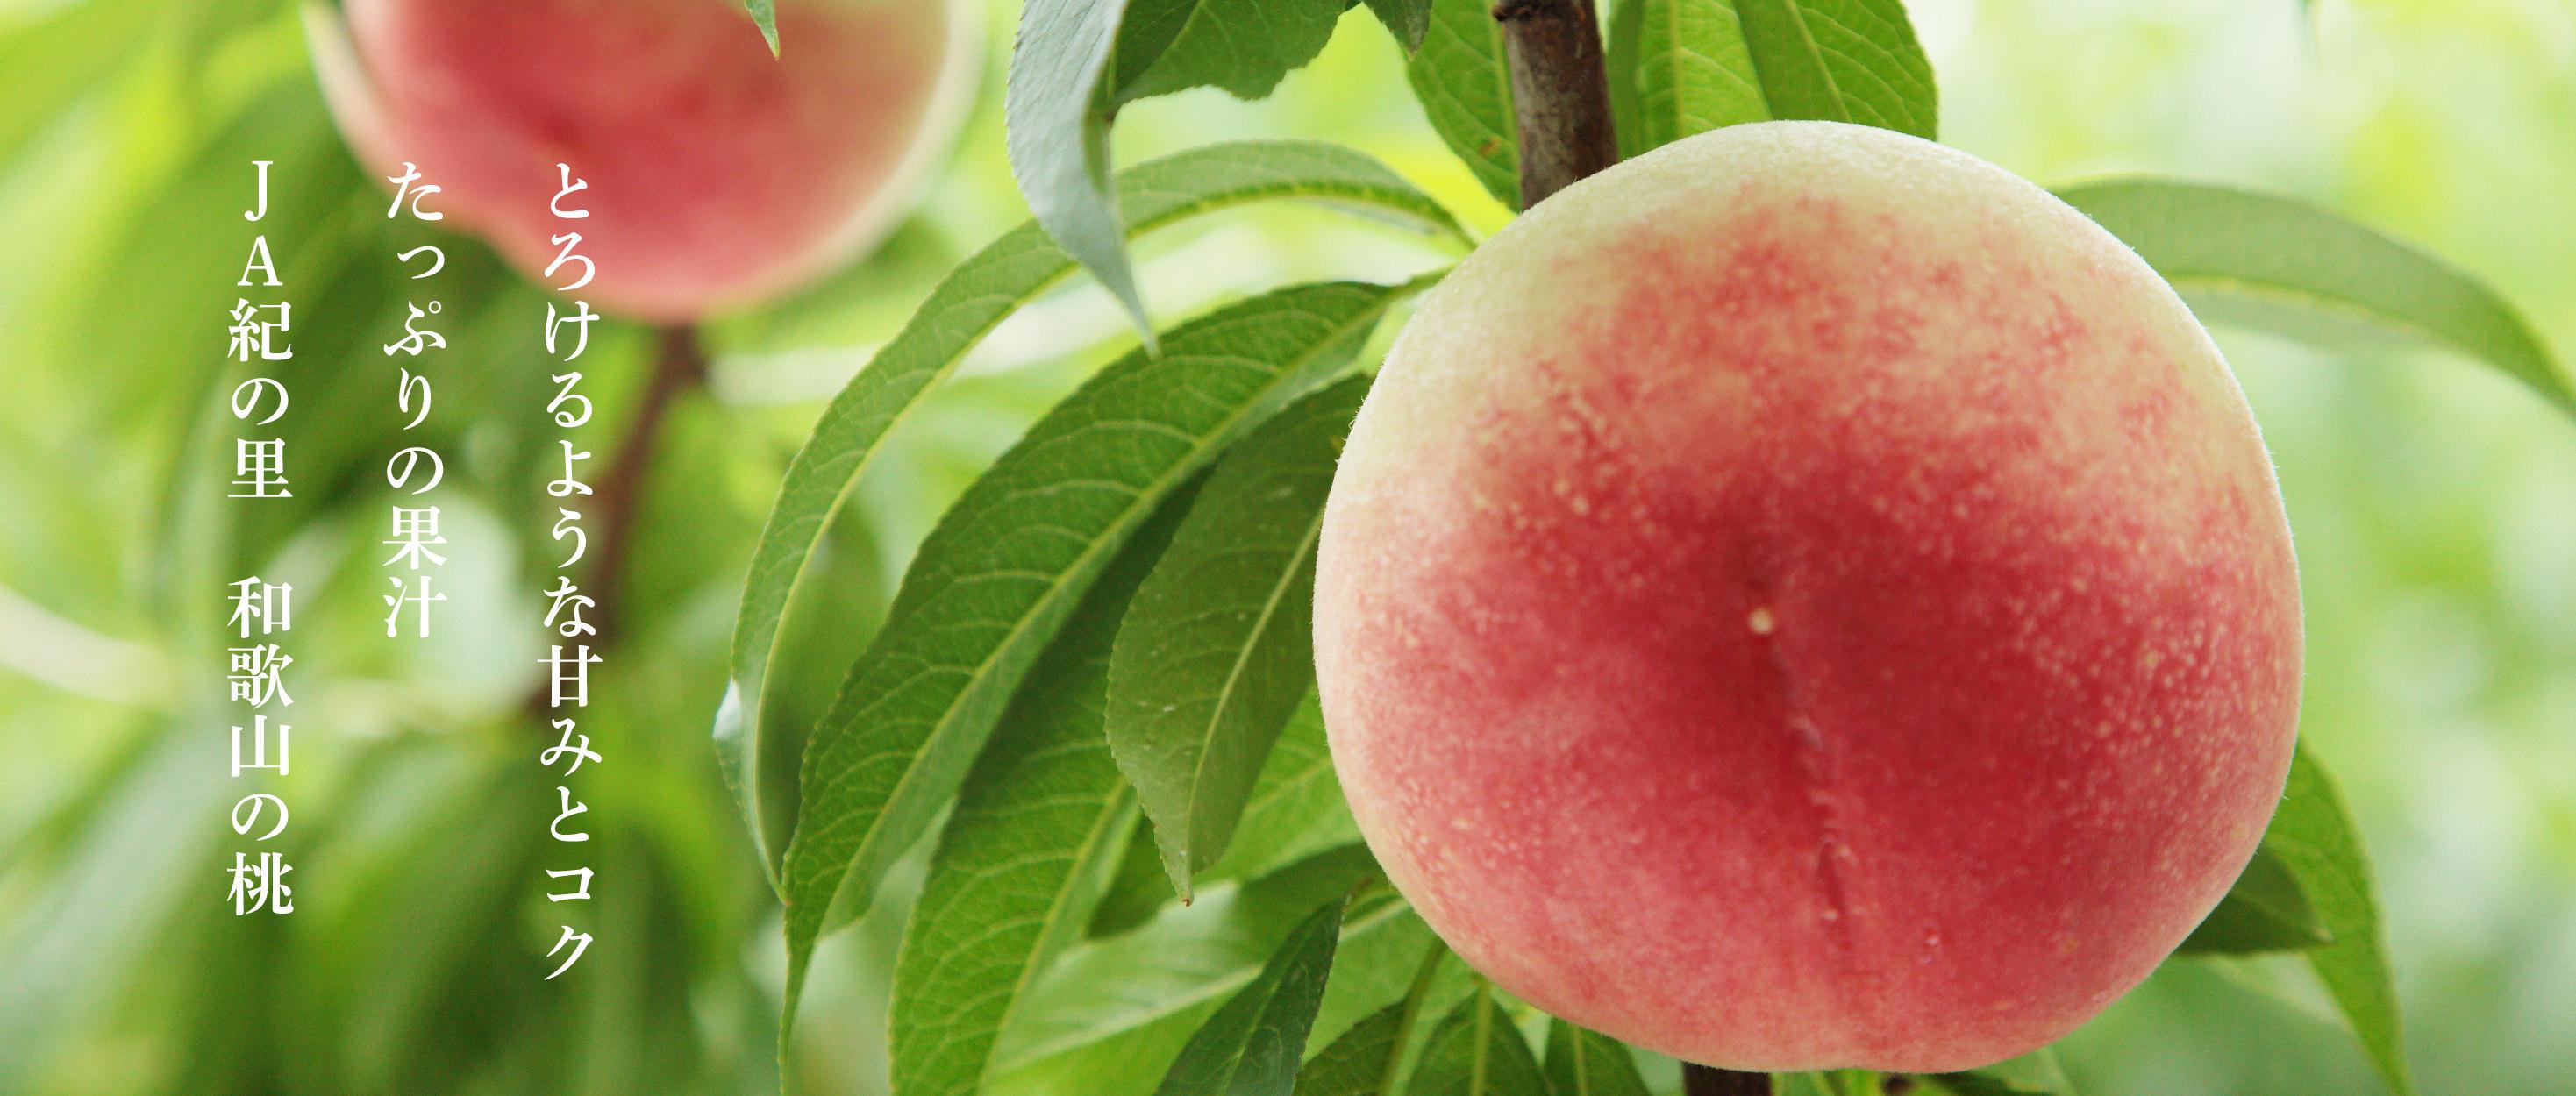 とろけるような甘味とコク たっぷりの果汁 JA紀の里 和歌山の桃